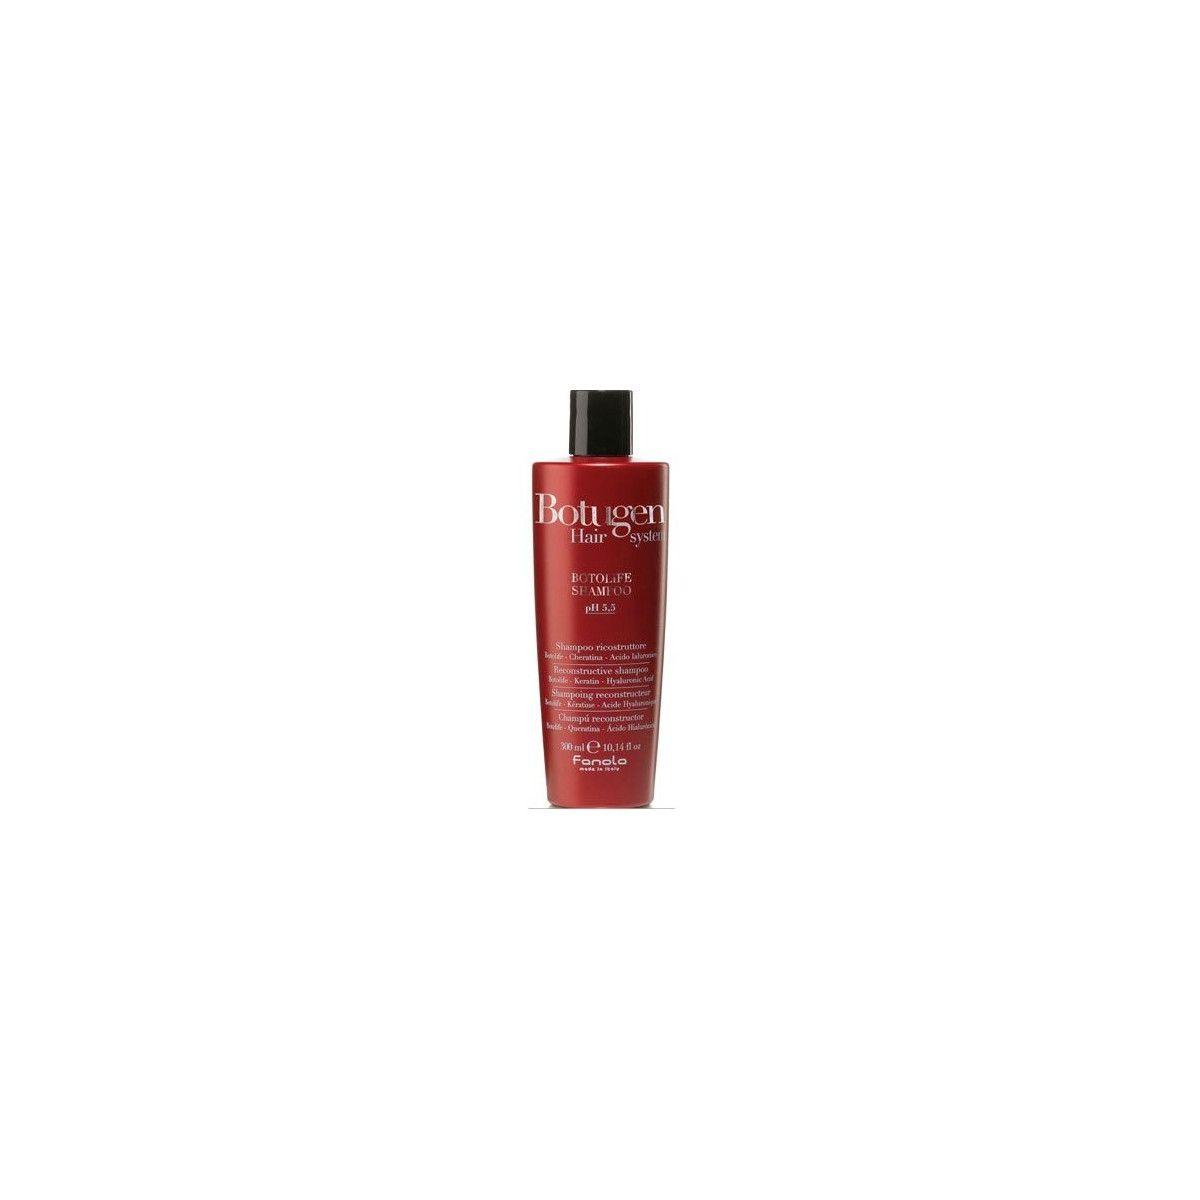 Fanola Botolife szampon do włosów suchych i łamliwych 300ml